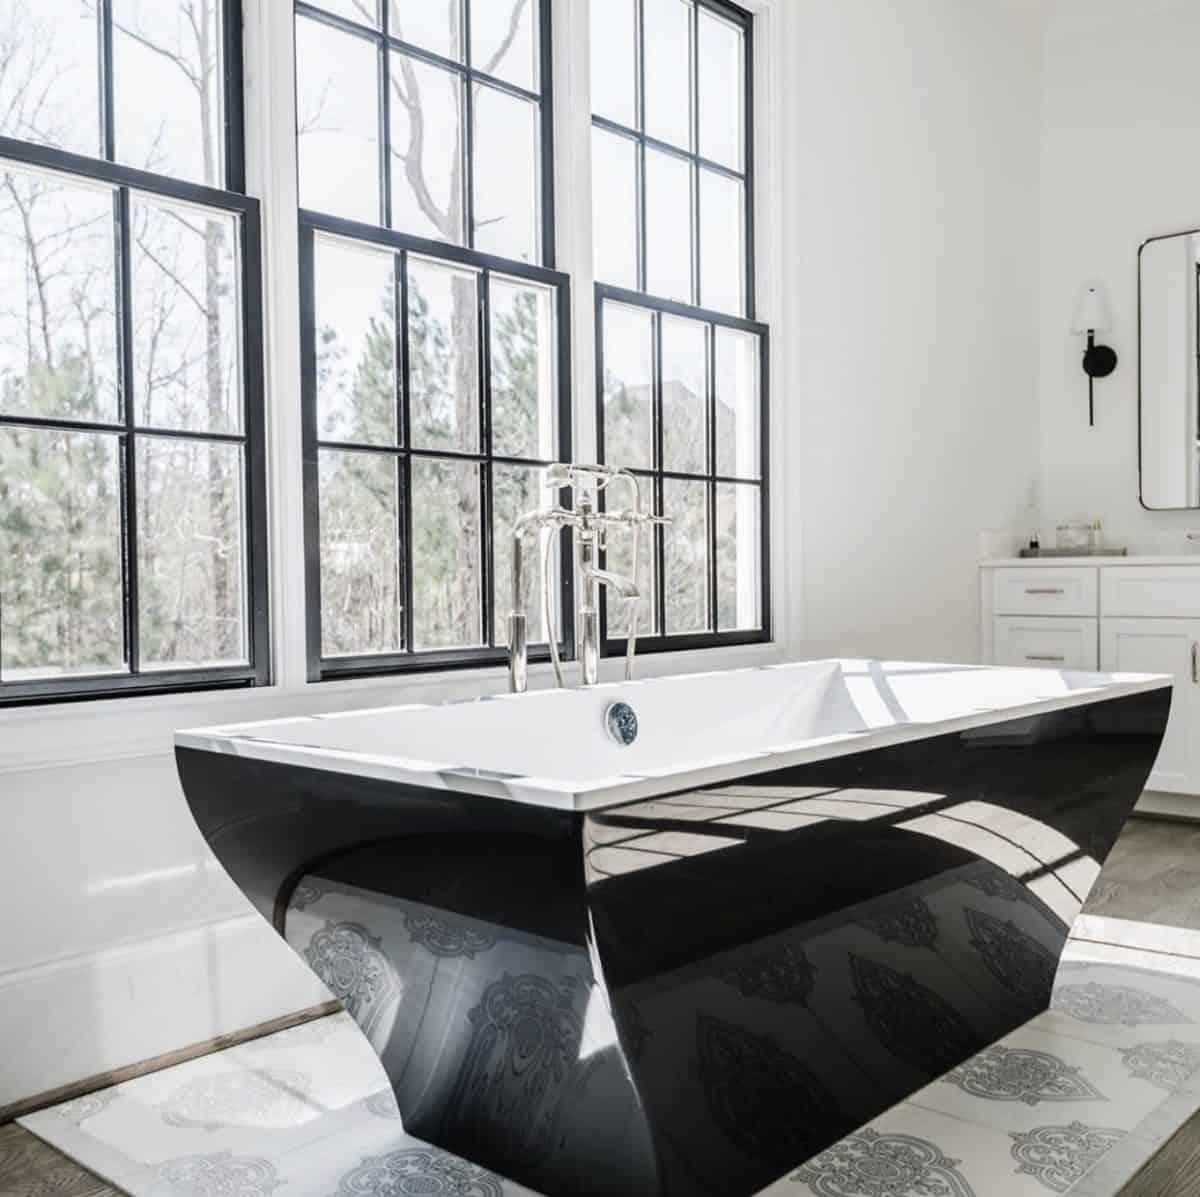 Caprice patterned tile rug in master bathroom